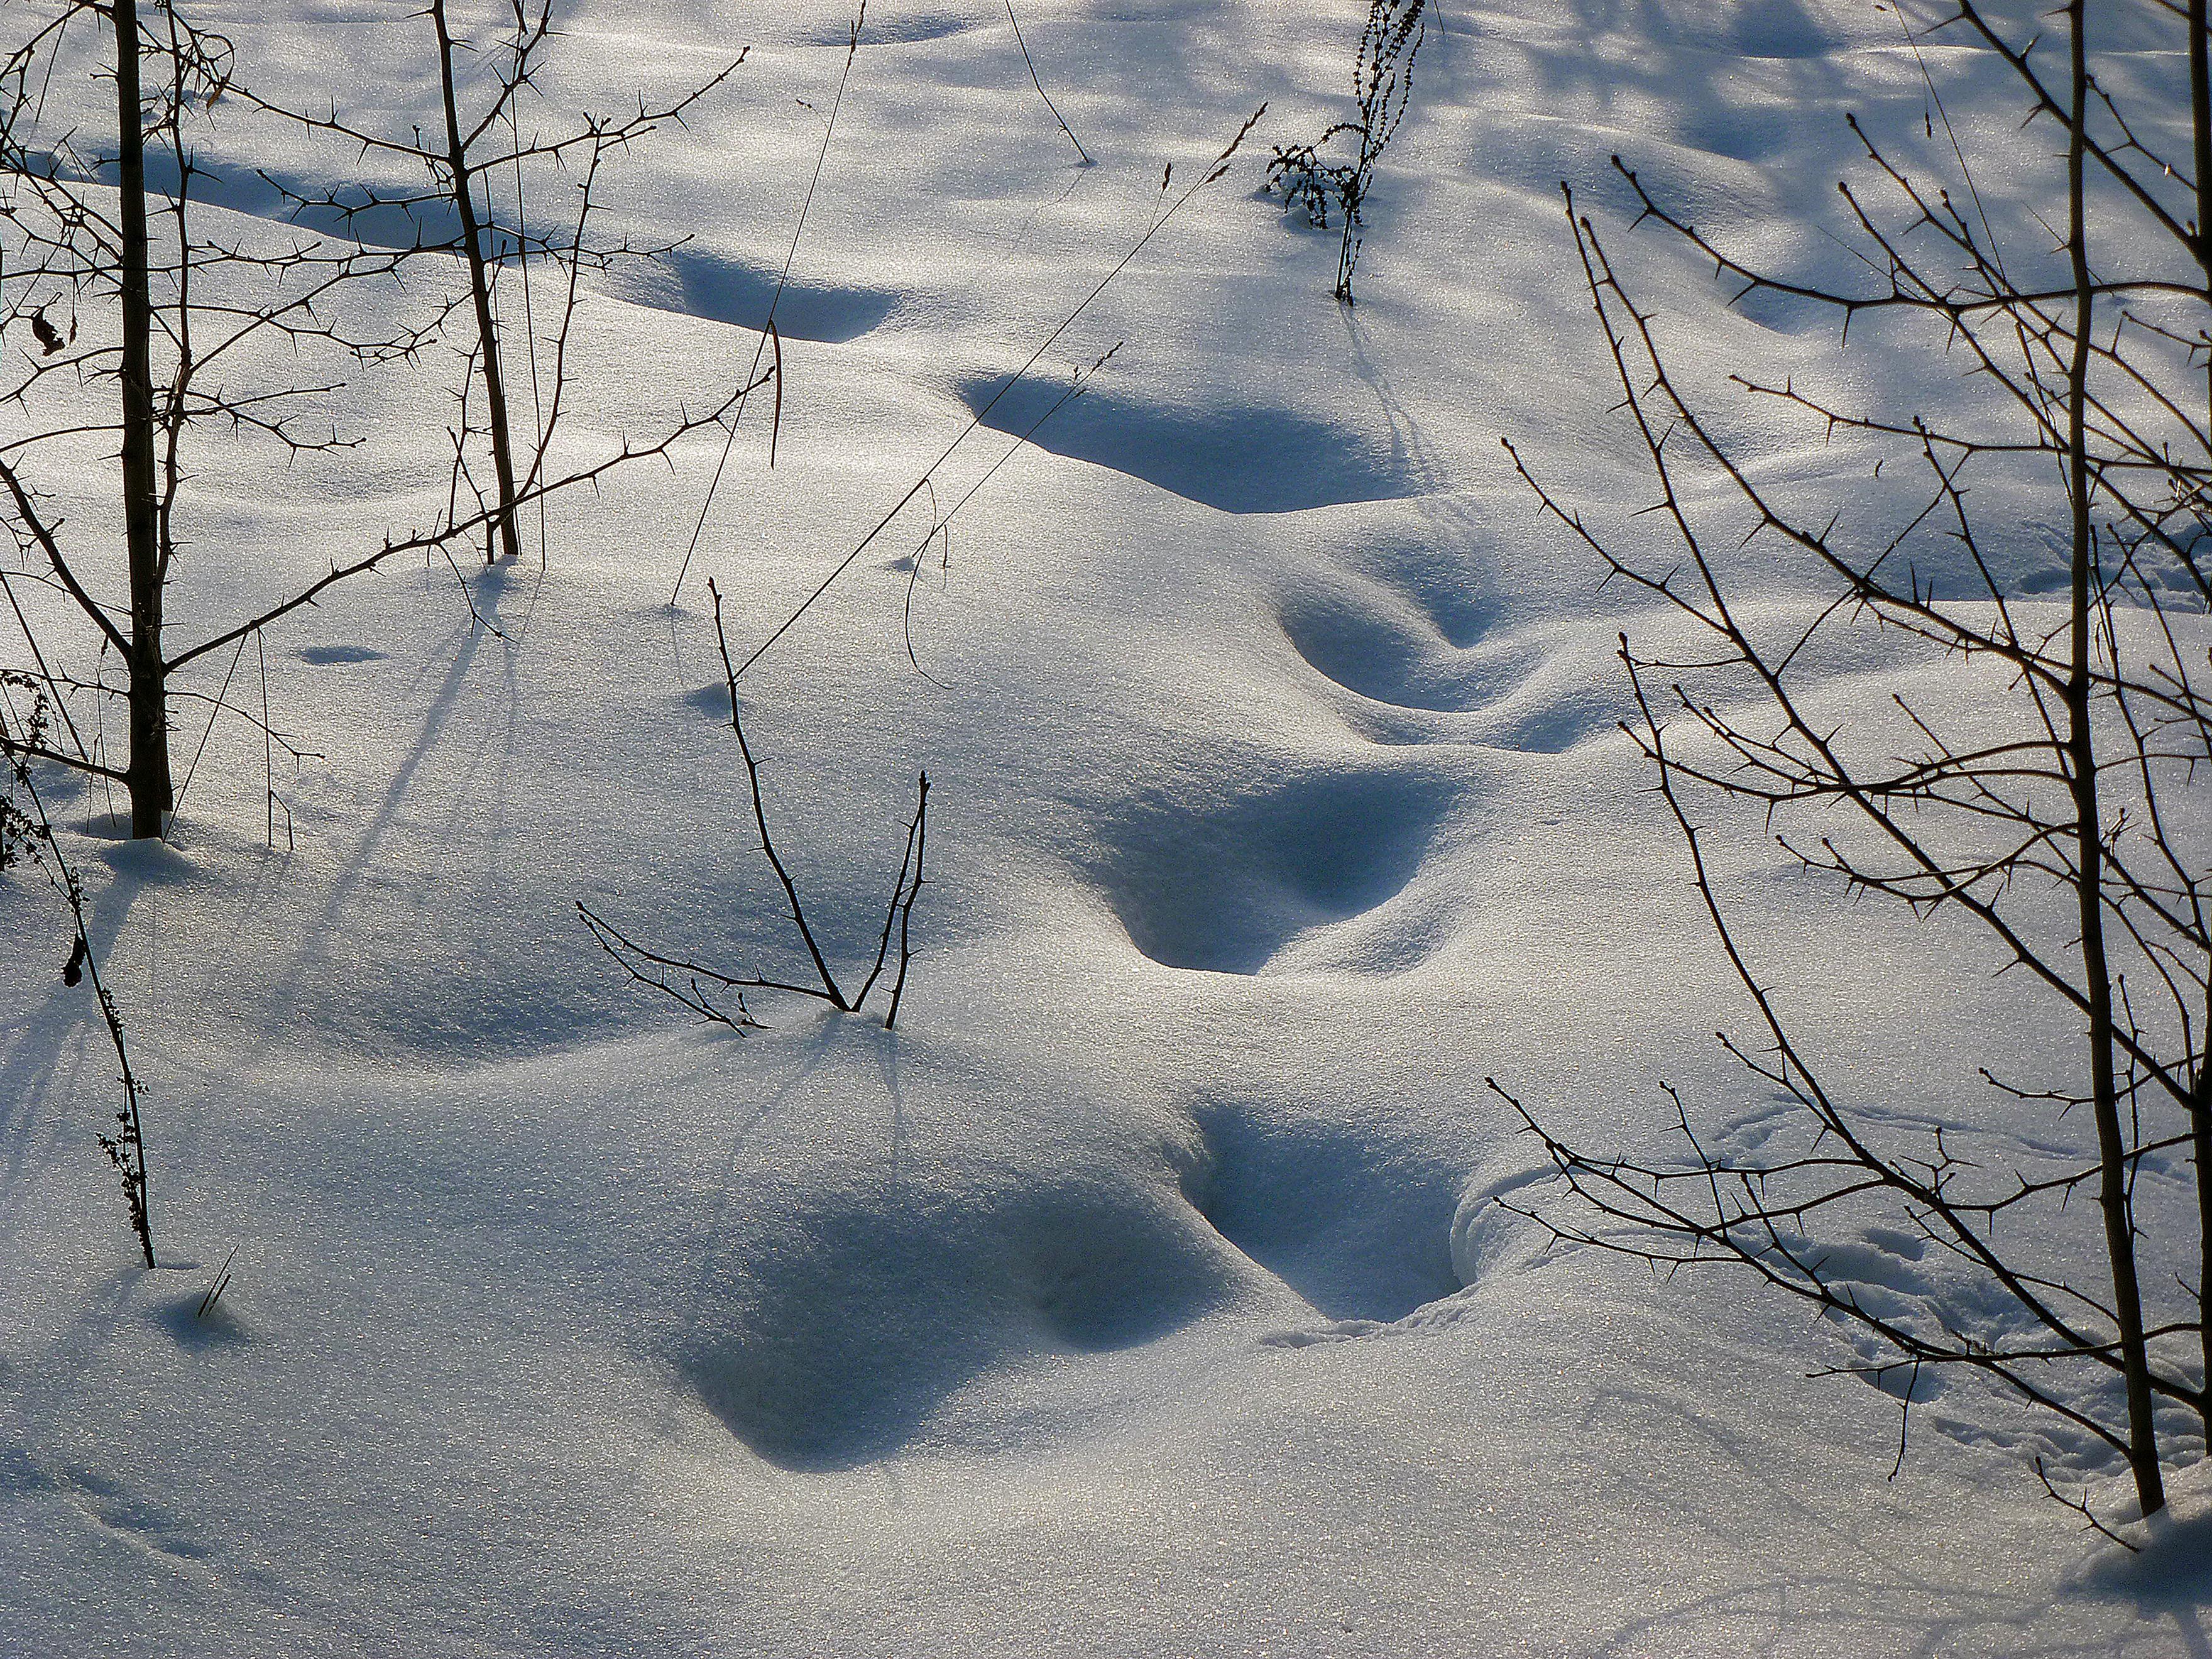 картинка снежные следы поливы подразумевают частый